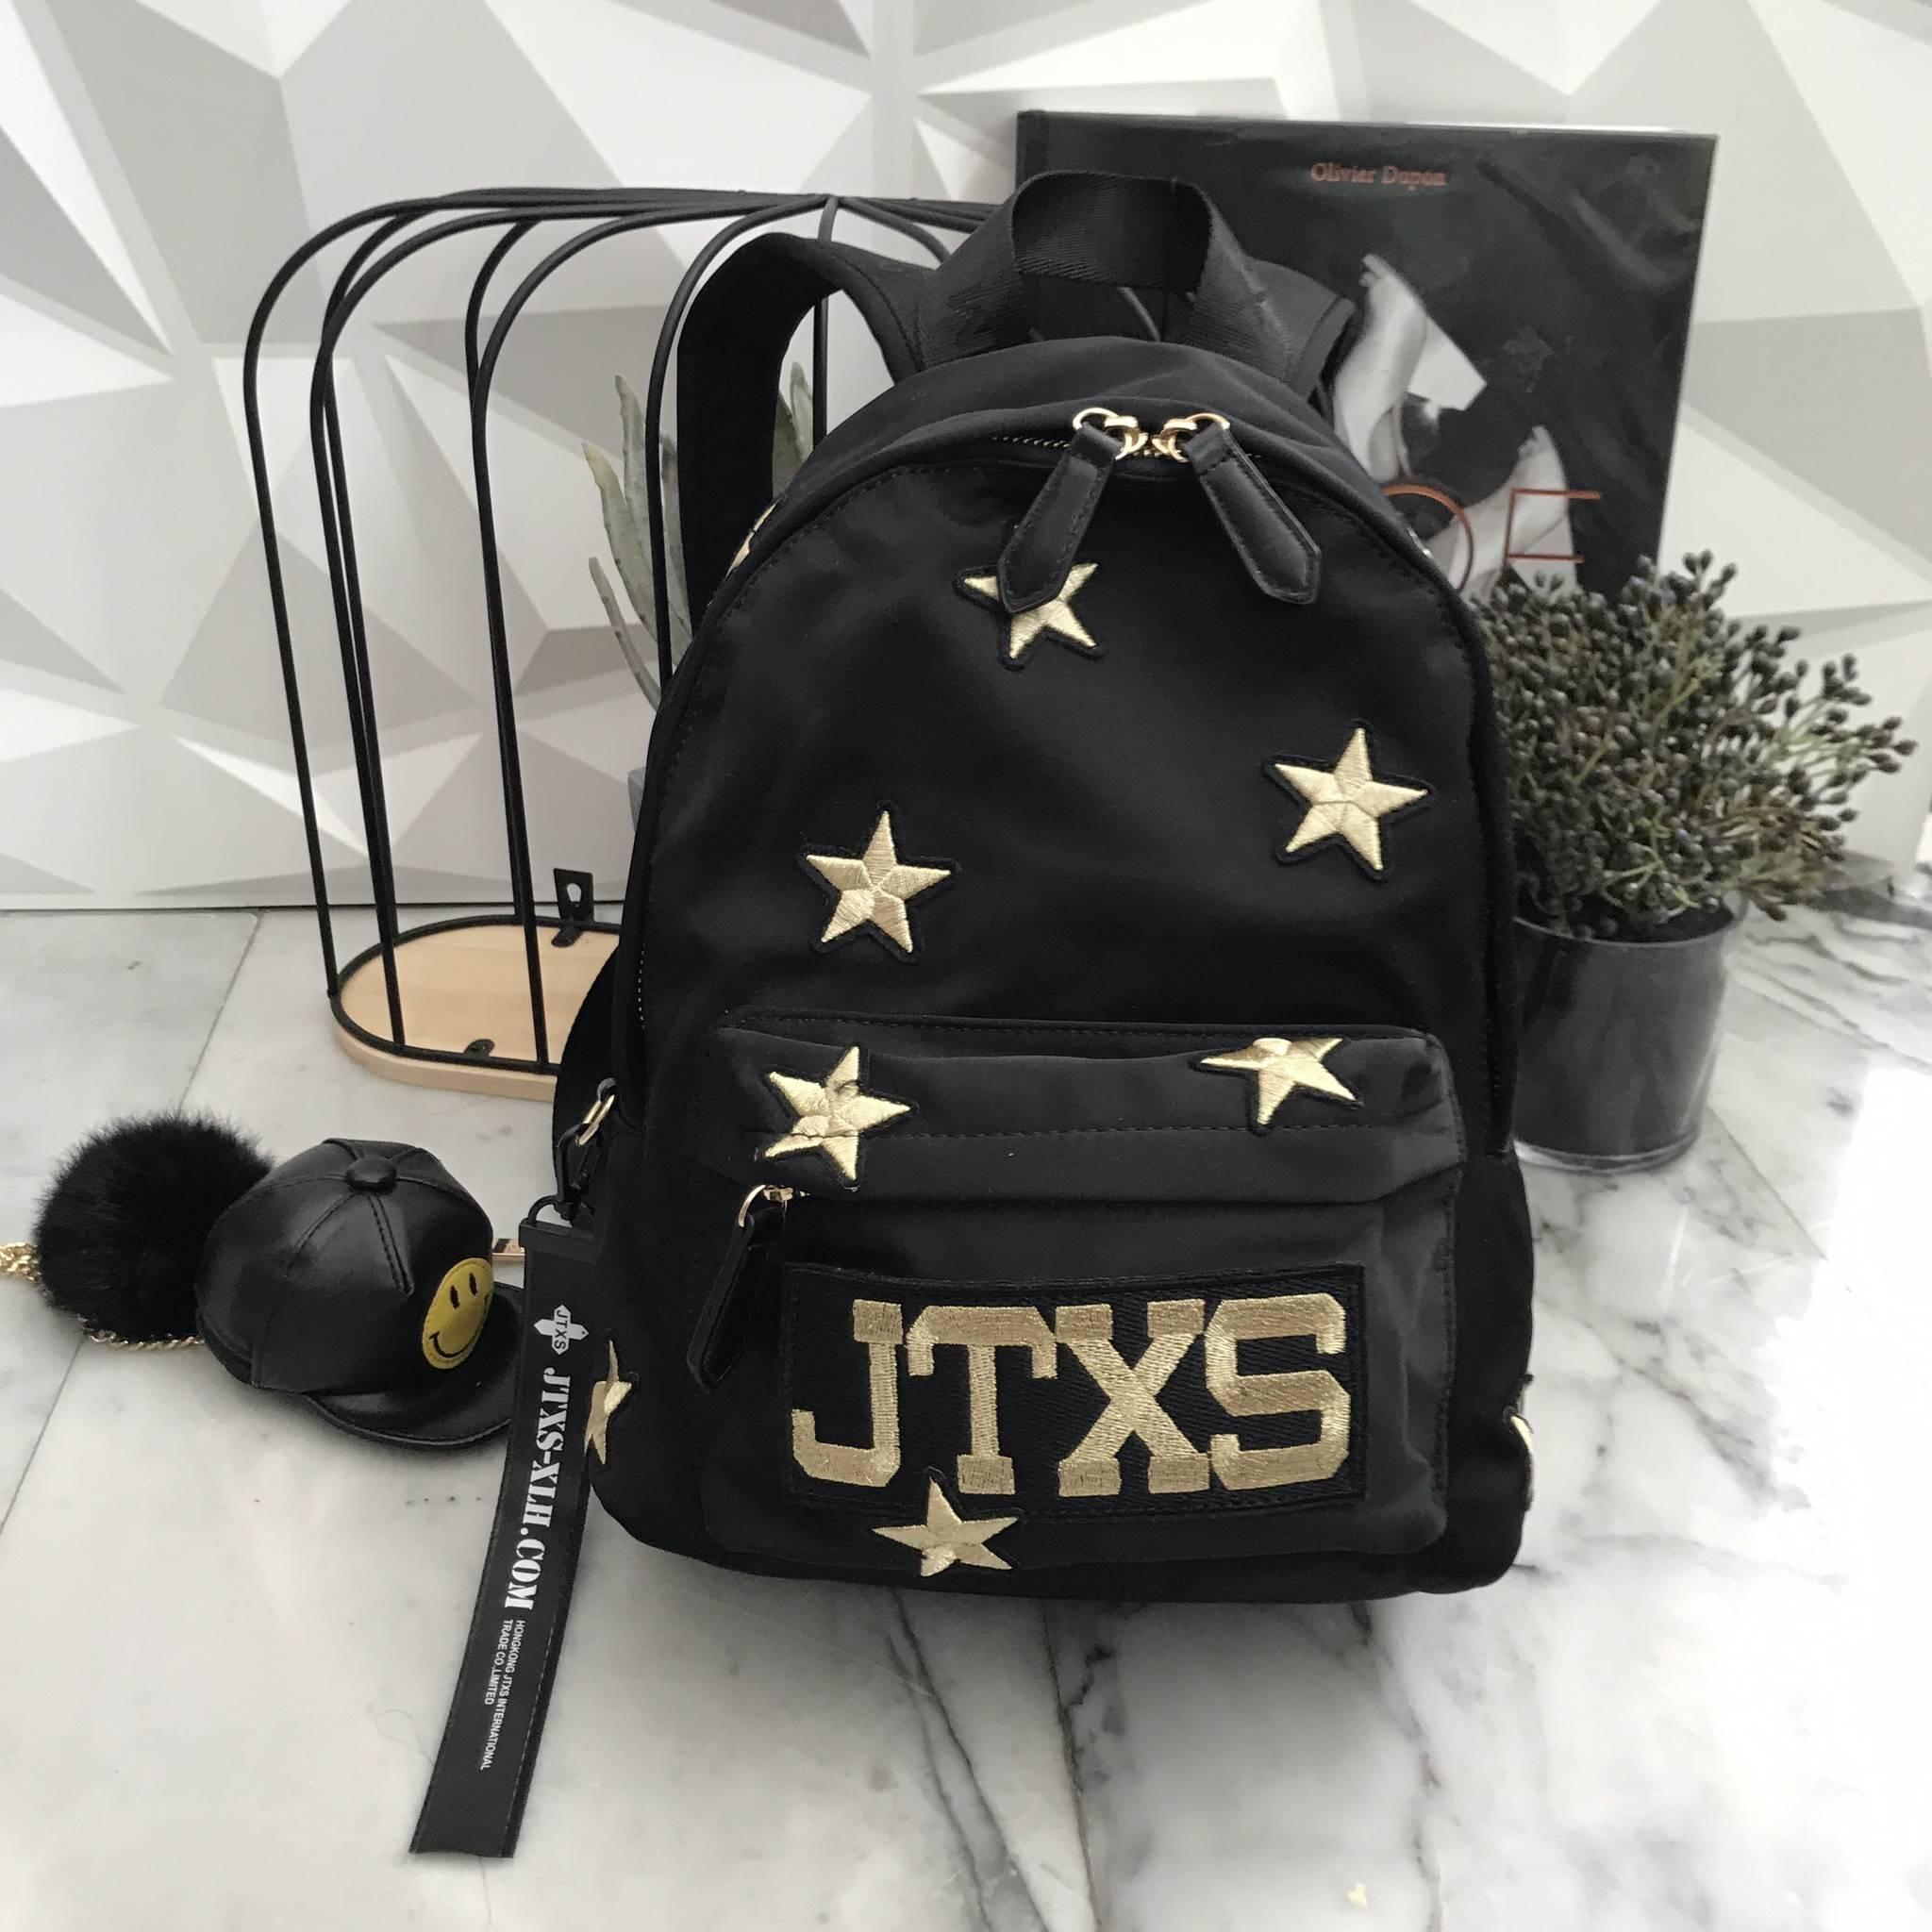 JTXS รุ่นพิเศษ กระเป๋าเป้ สุด Chic